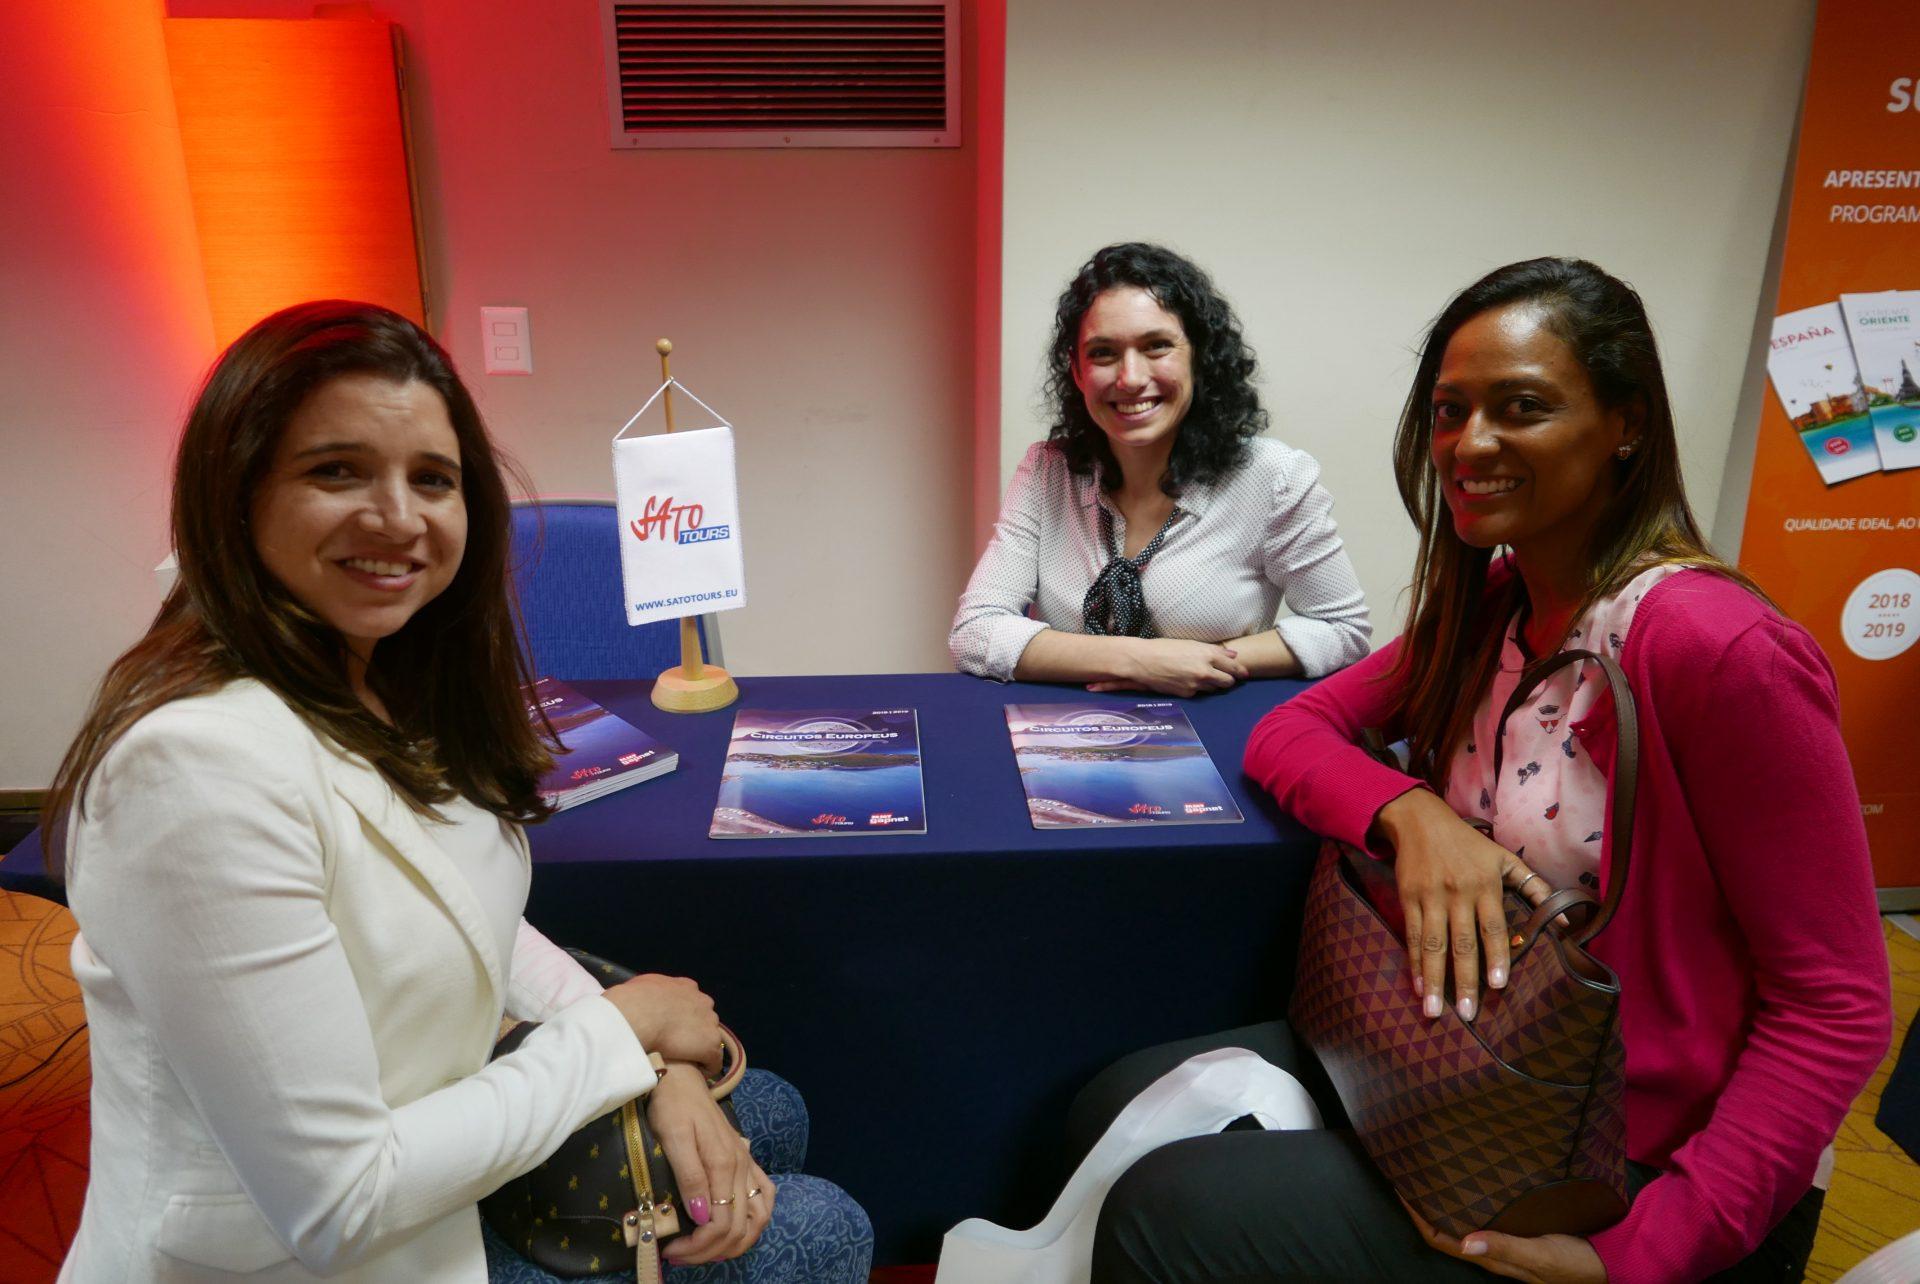 Debora Forte, da Sato Tours, apresenta seu produto a Flaviane Morgado e Anne Schnell, da RafViagens